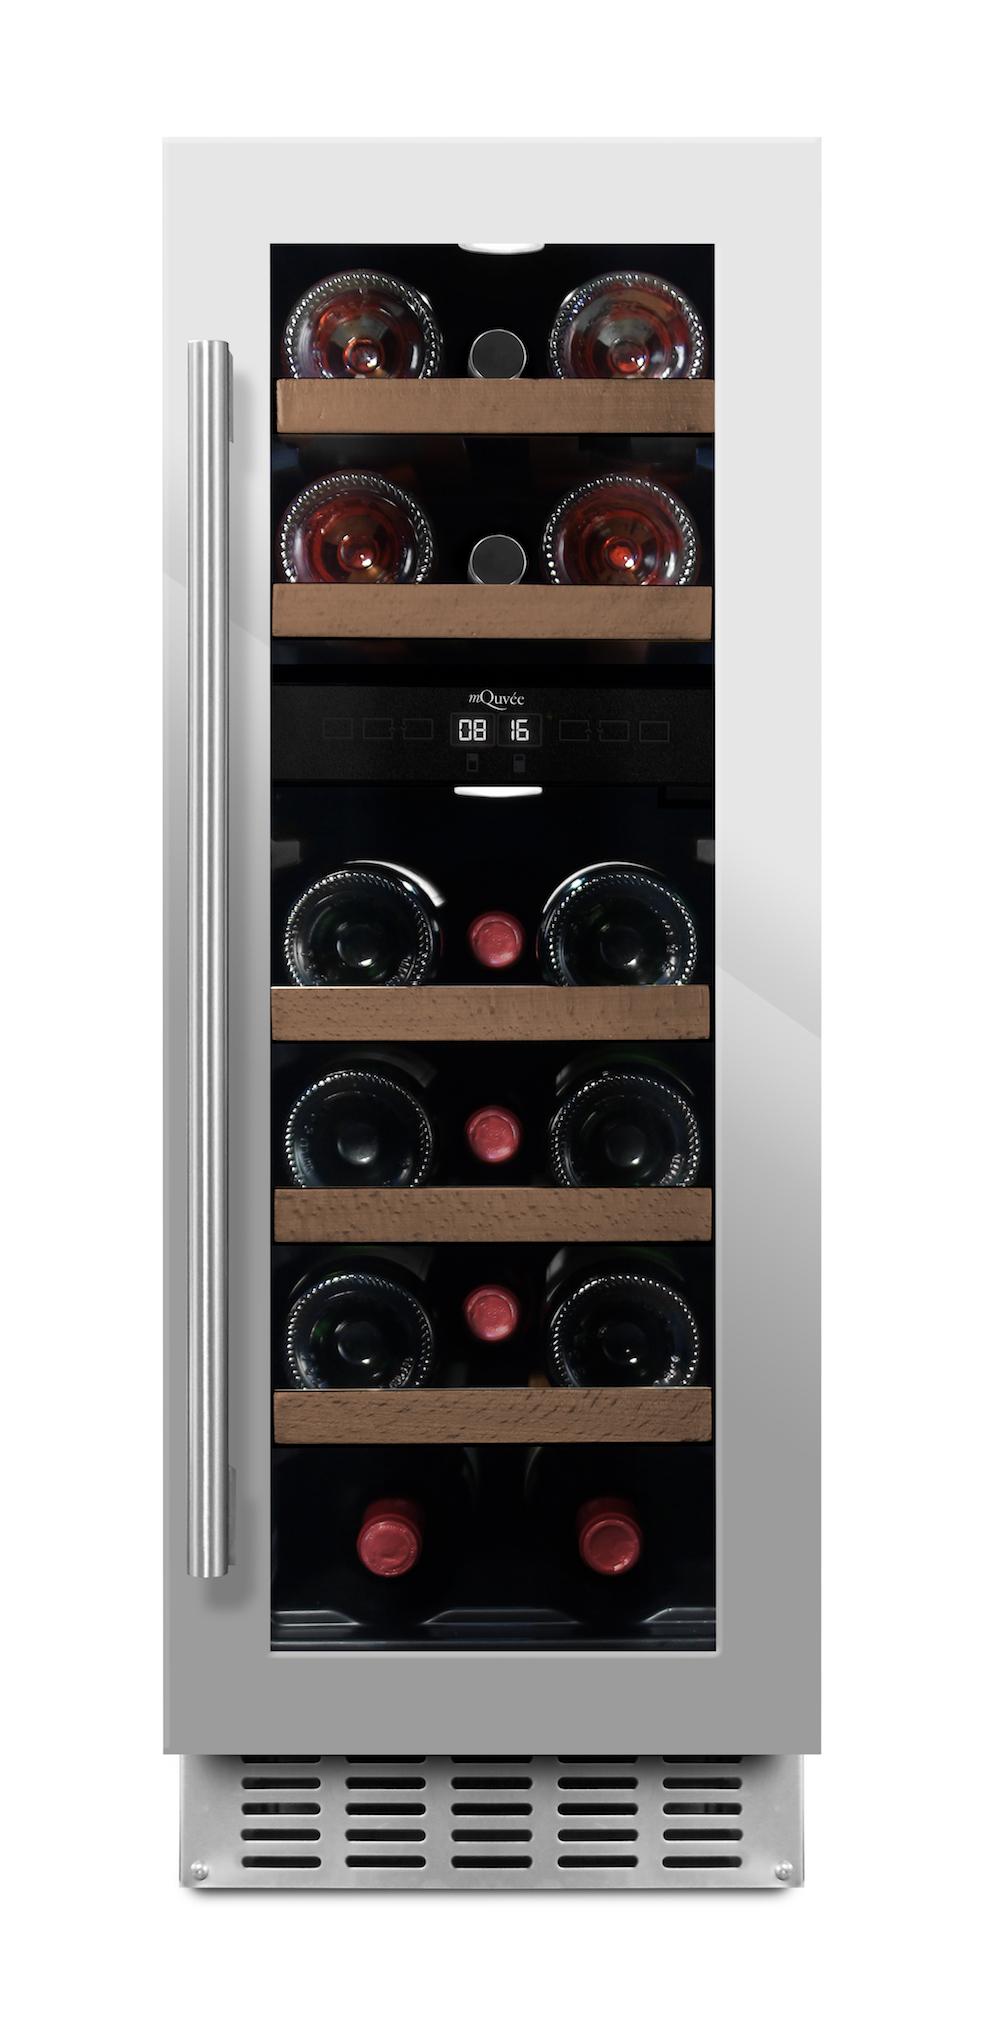 Inbyggbar vinkyl från mQuvee i stainless- plats för 16 flaskor